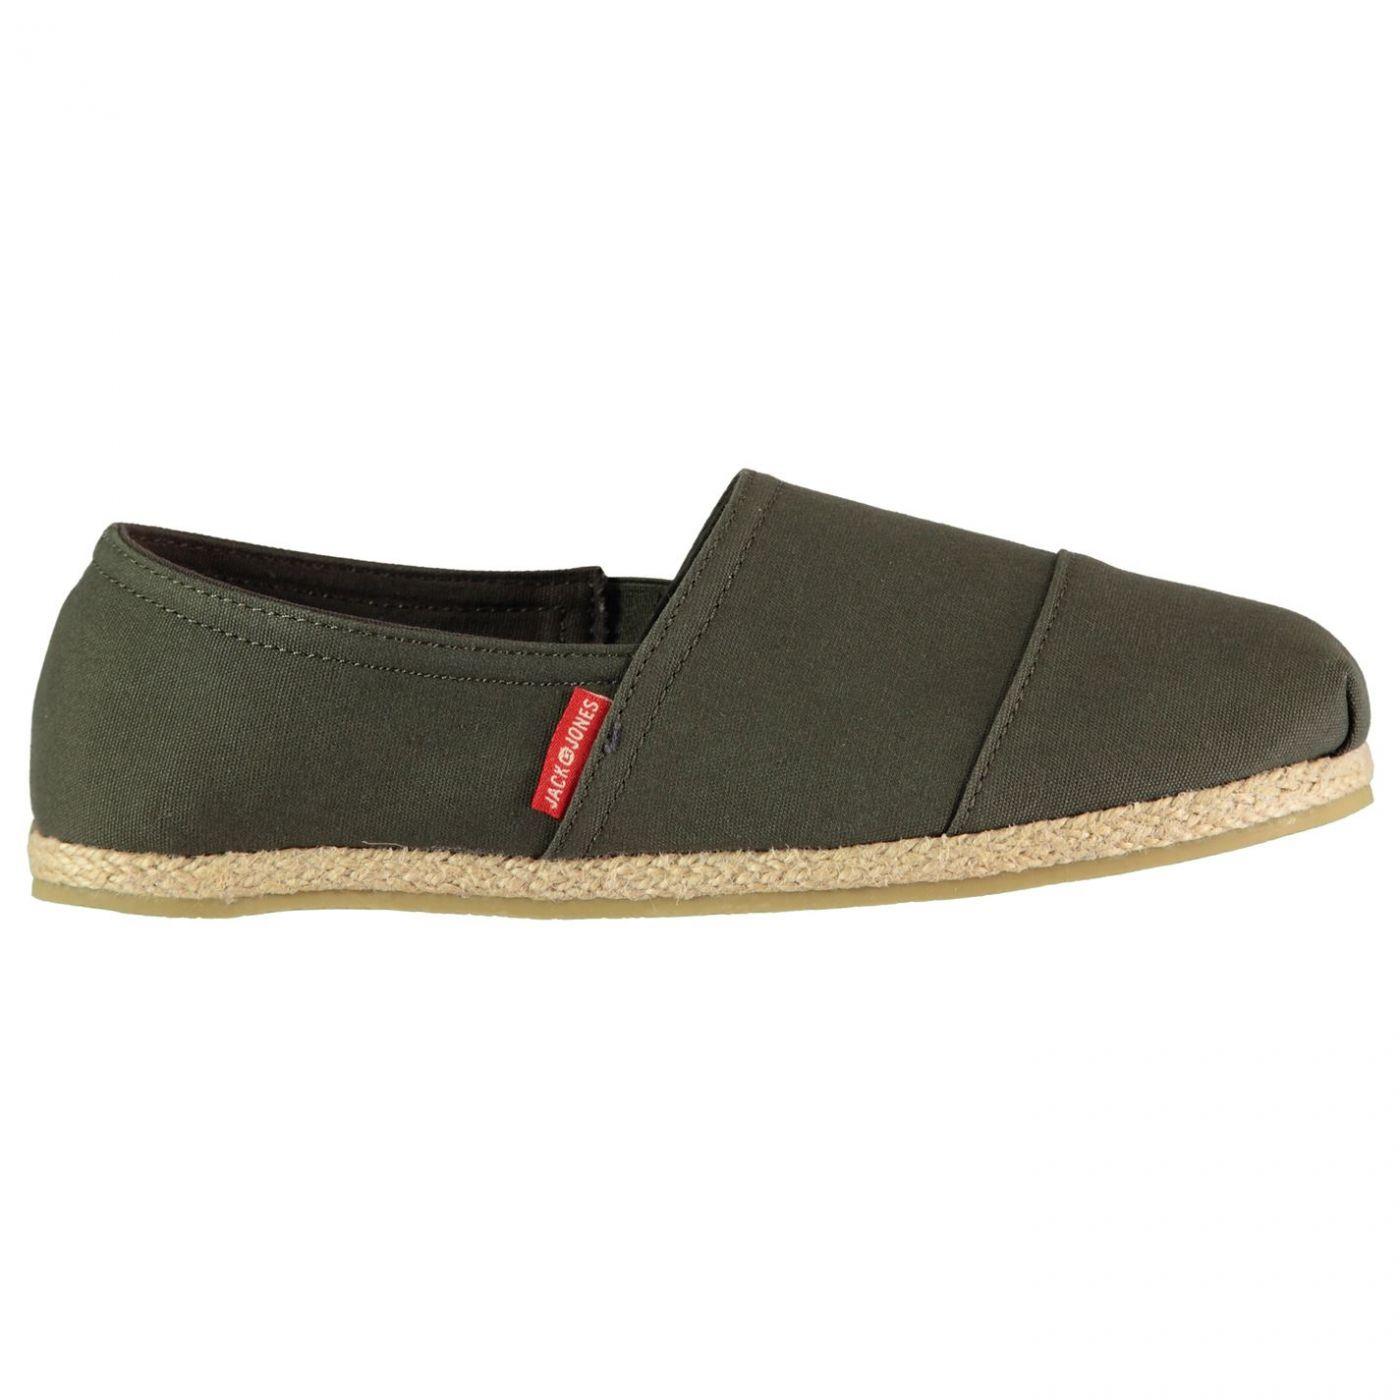 Jack and Jones Espadrille Canvas Shoes